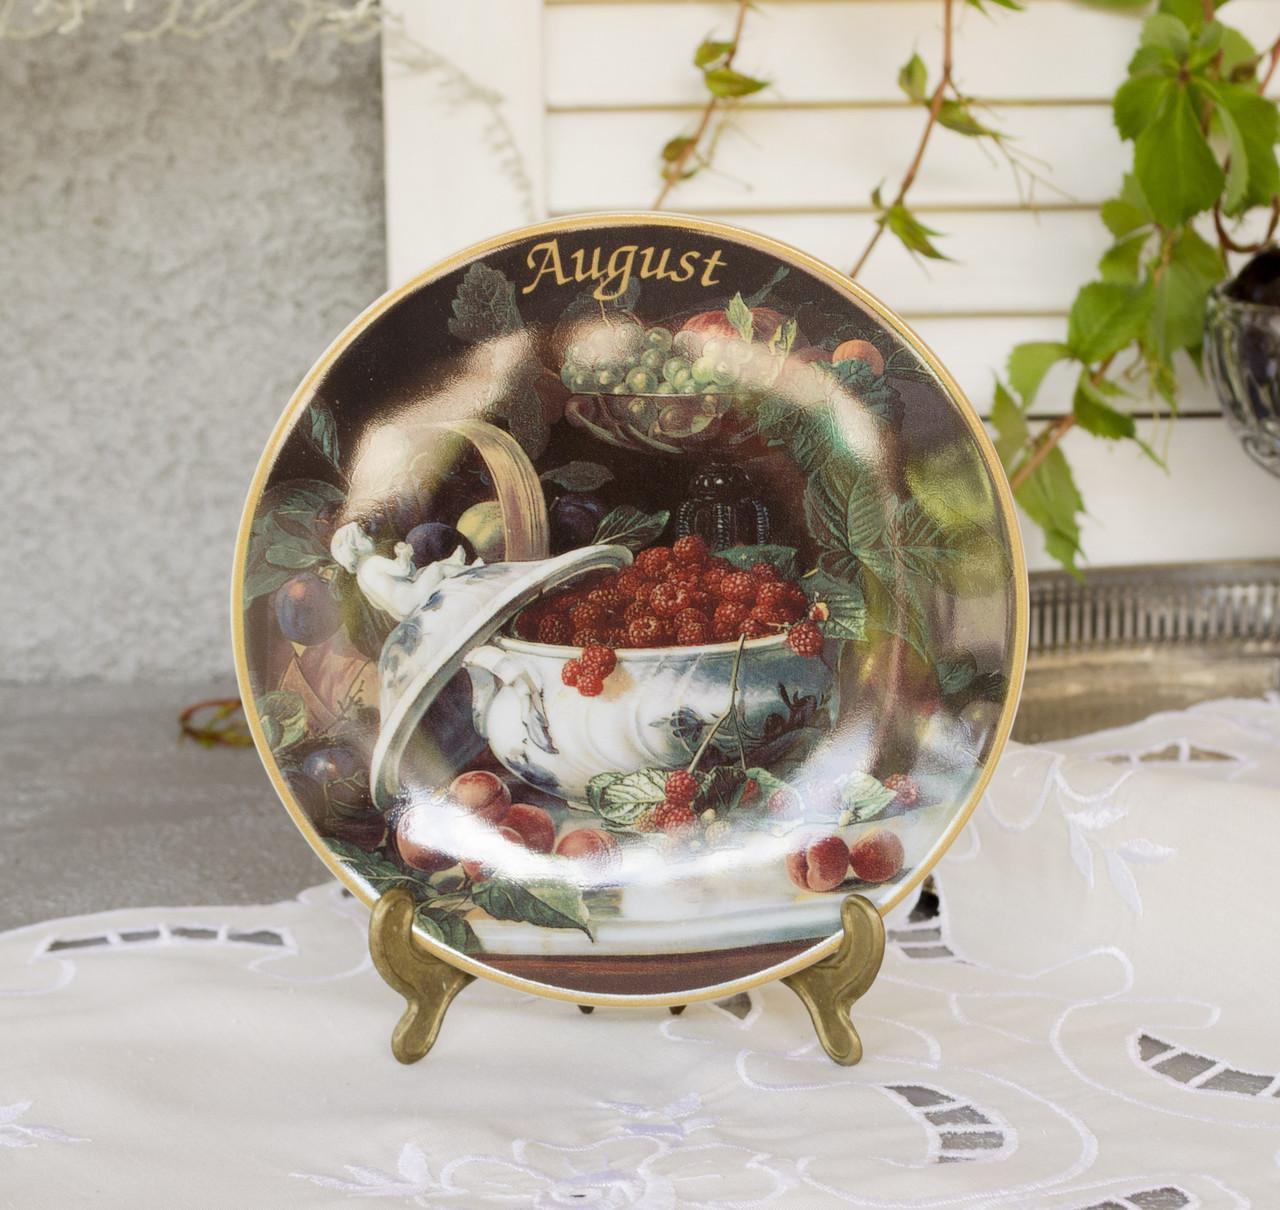 Коллекционная фарфоровая тарелка Август, фарфор, König Porzellan, Германия, 1998 год